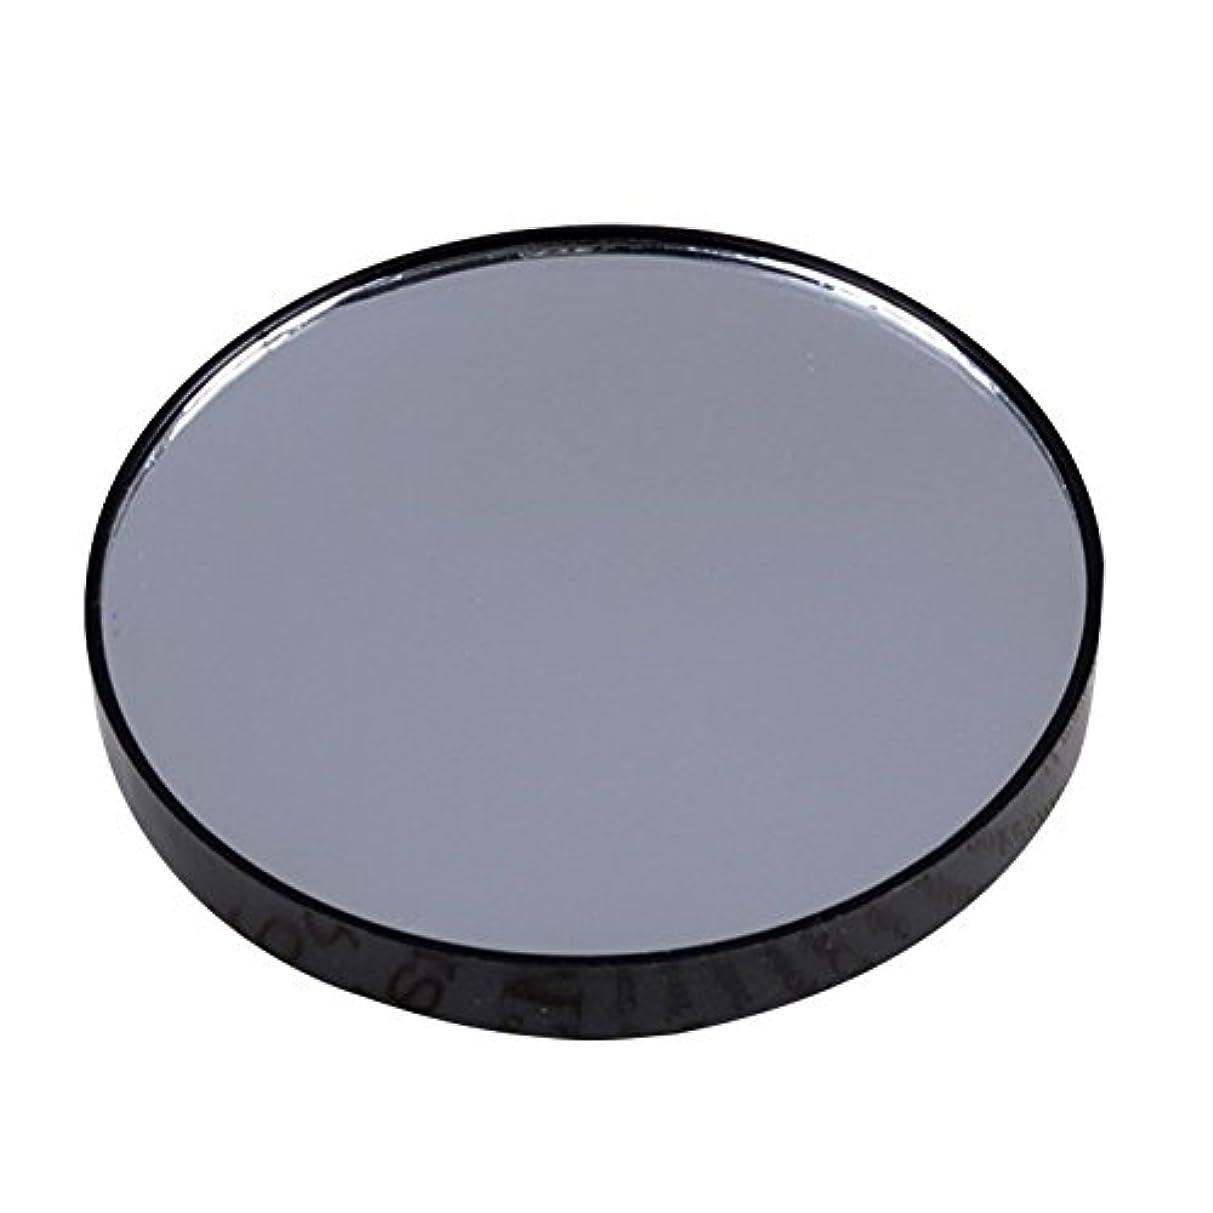 生き残りますアンティーク若さYideaHome メイクアップミラー 化粧鏡 拡大鏡 5倍 10倍 15倍 強力吸盤付き メイクミラー 化粧ミラー (5倍)